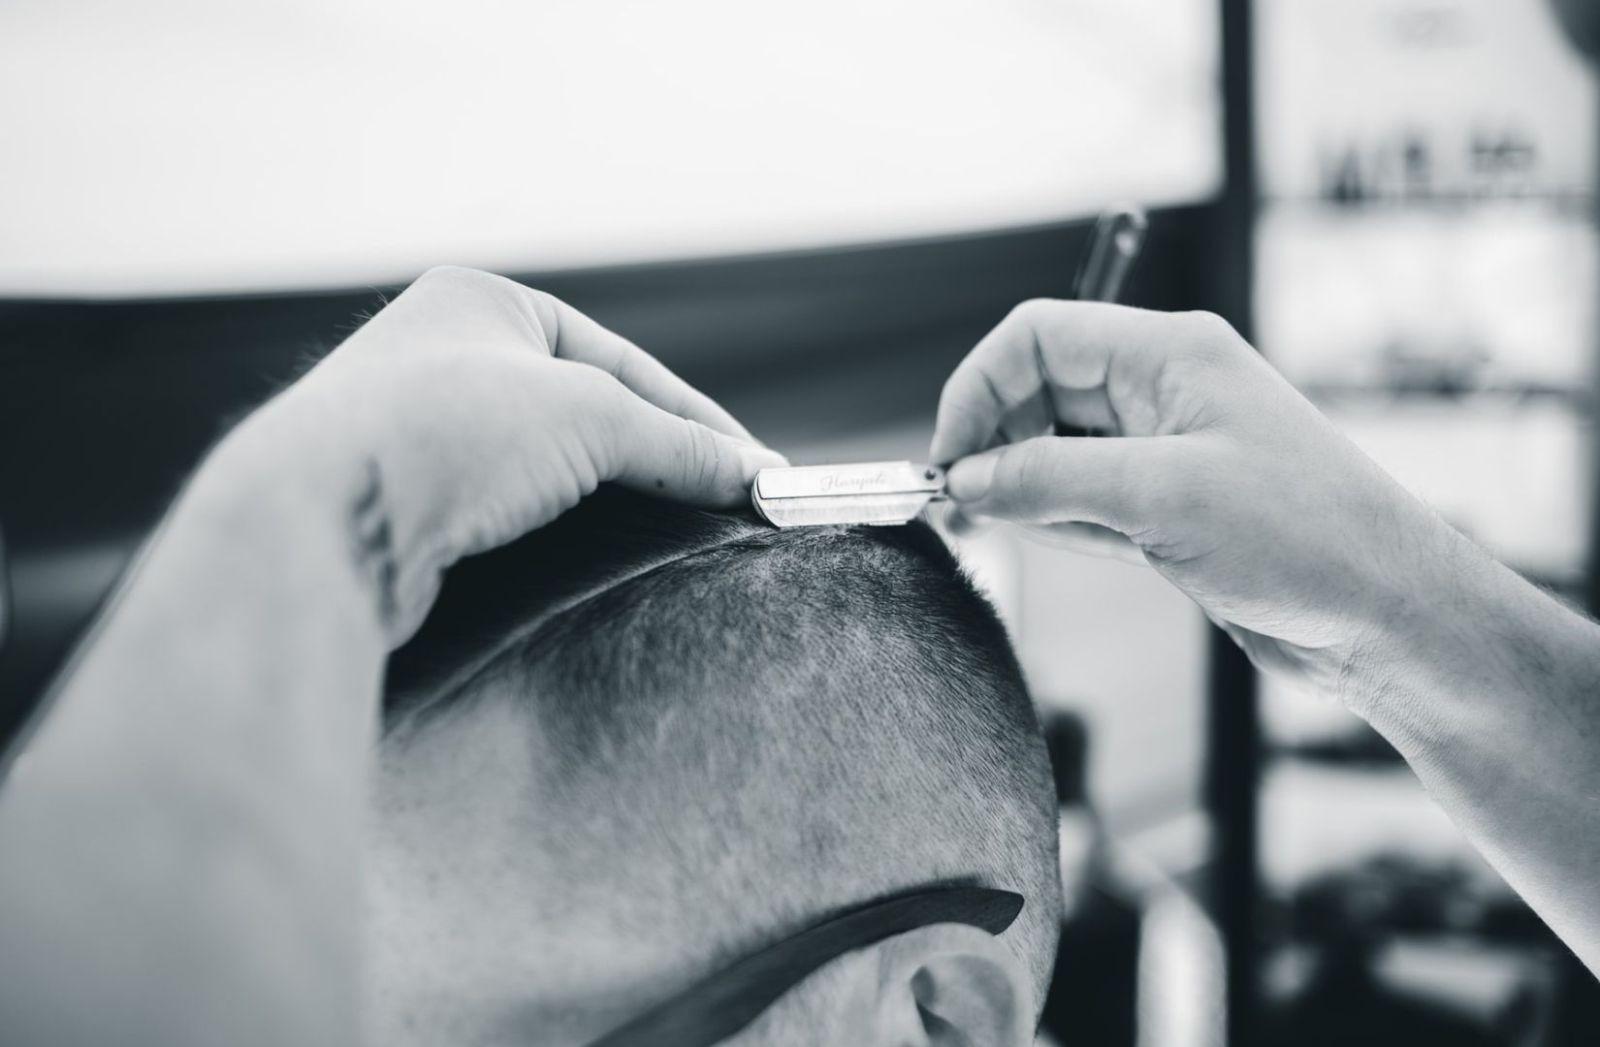 Haarschnitt mit dem Rasiermesser. (Foto: Erik Mclean, Unsplash.com)